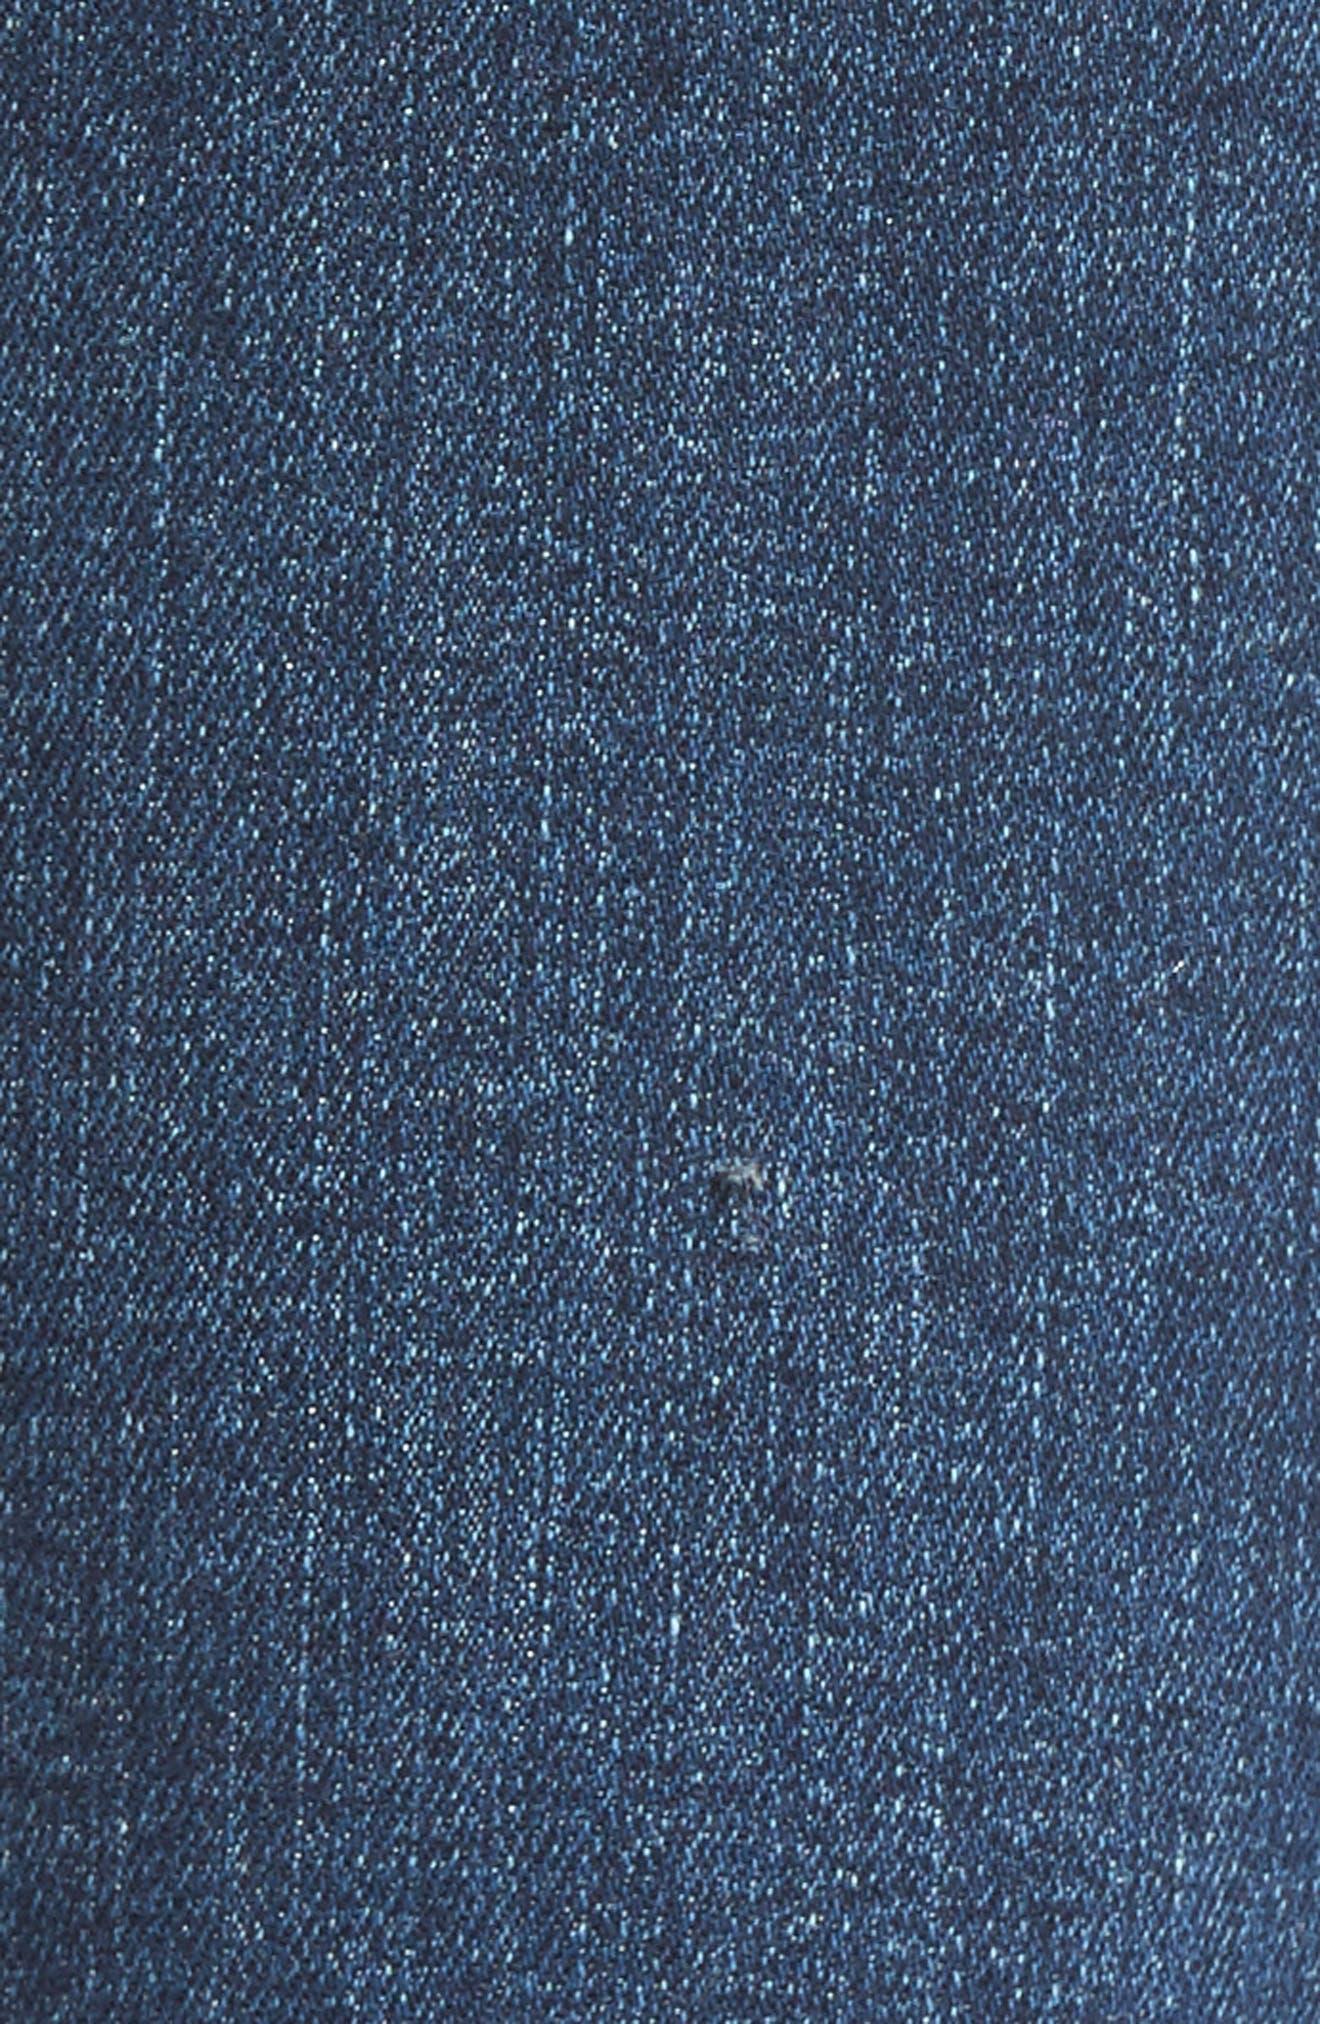 Transcend Vintage - Hoxton High Waist Ankle Peg Jeans,                             Alternate thumbnail 6, color,                             400